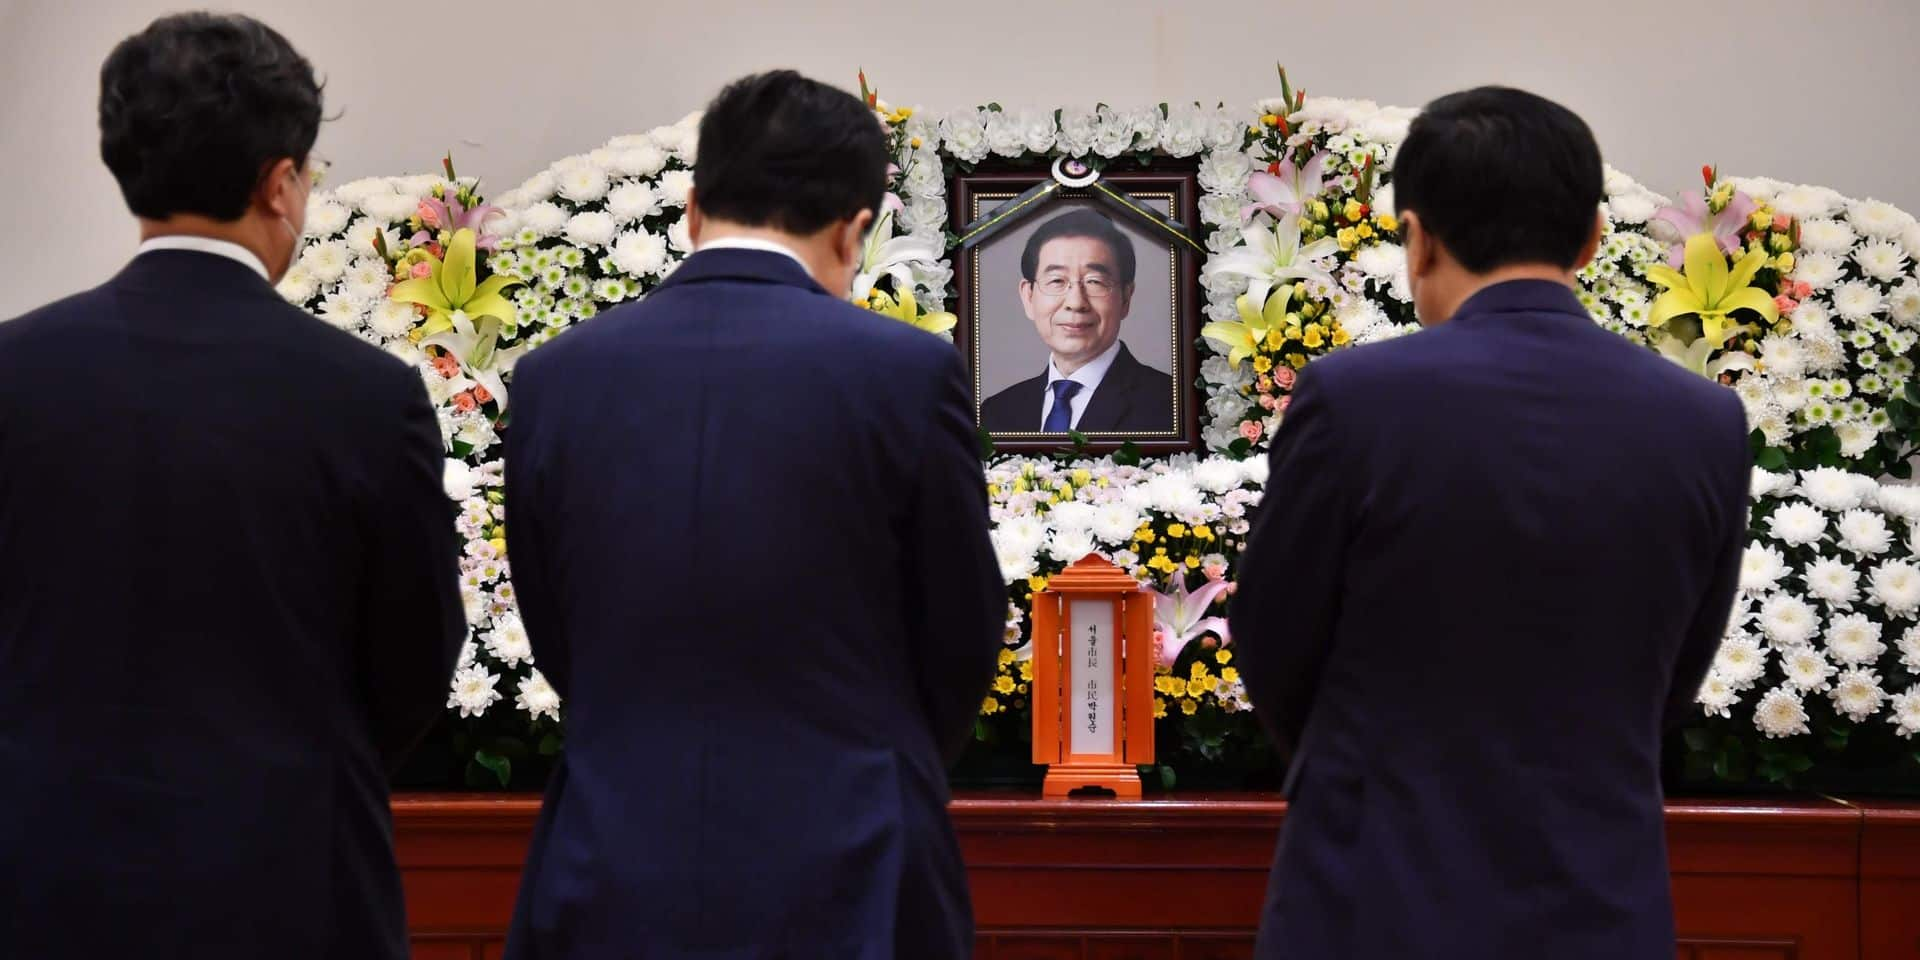 Accusé de harcèlement sexuel, le maire de Séoul se serait suicidé